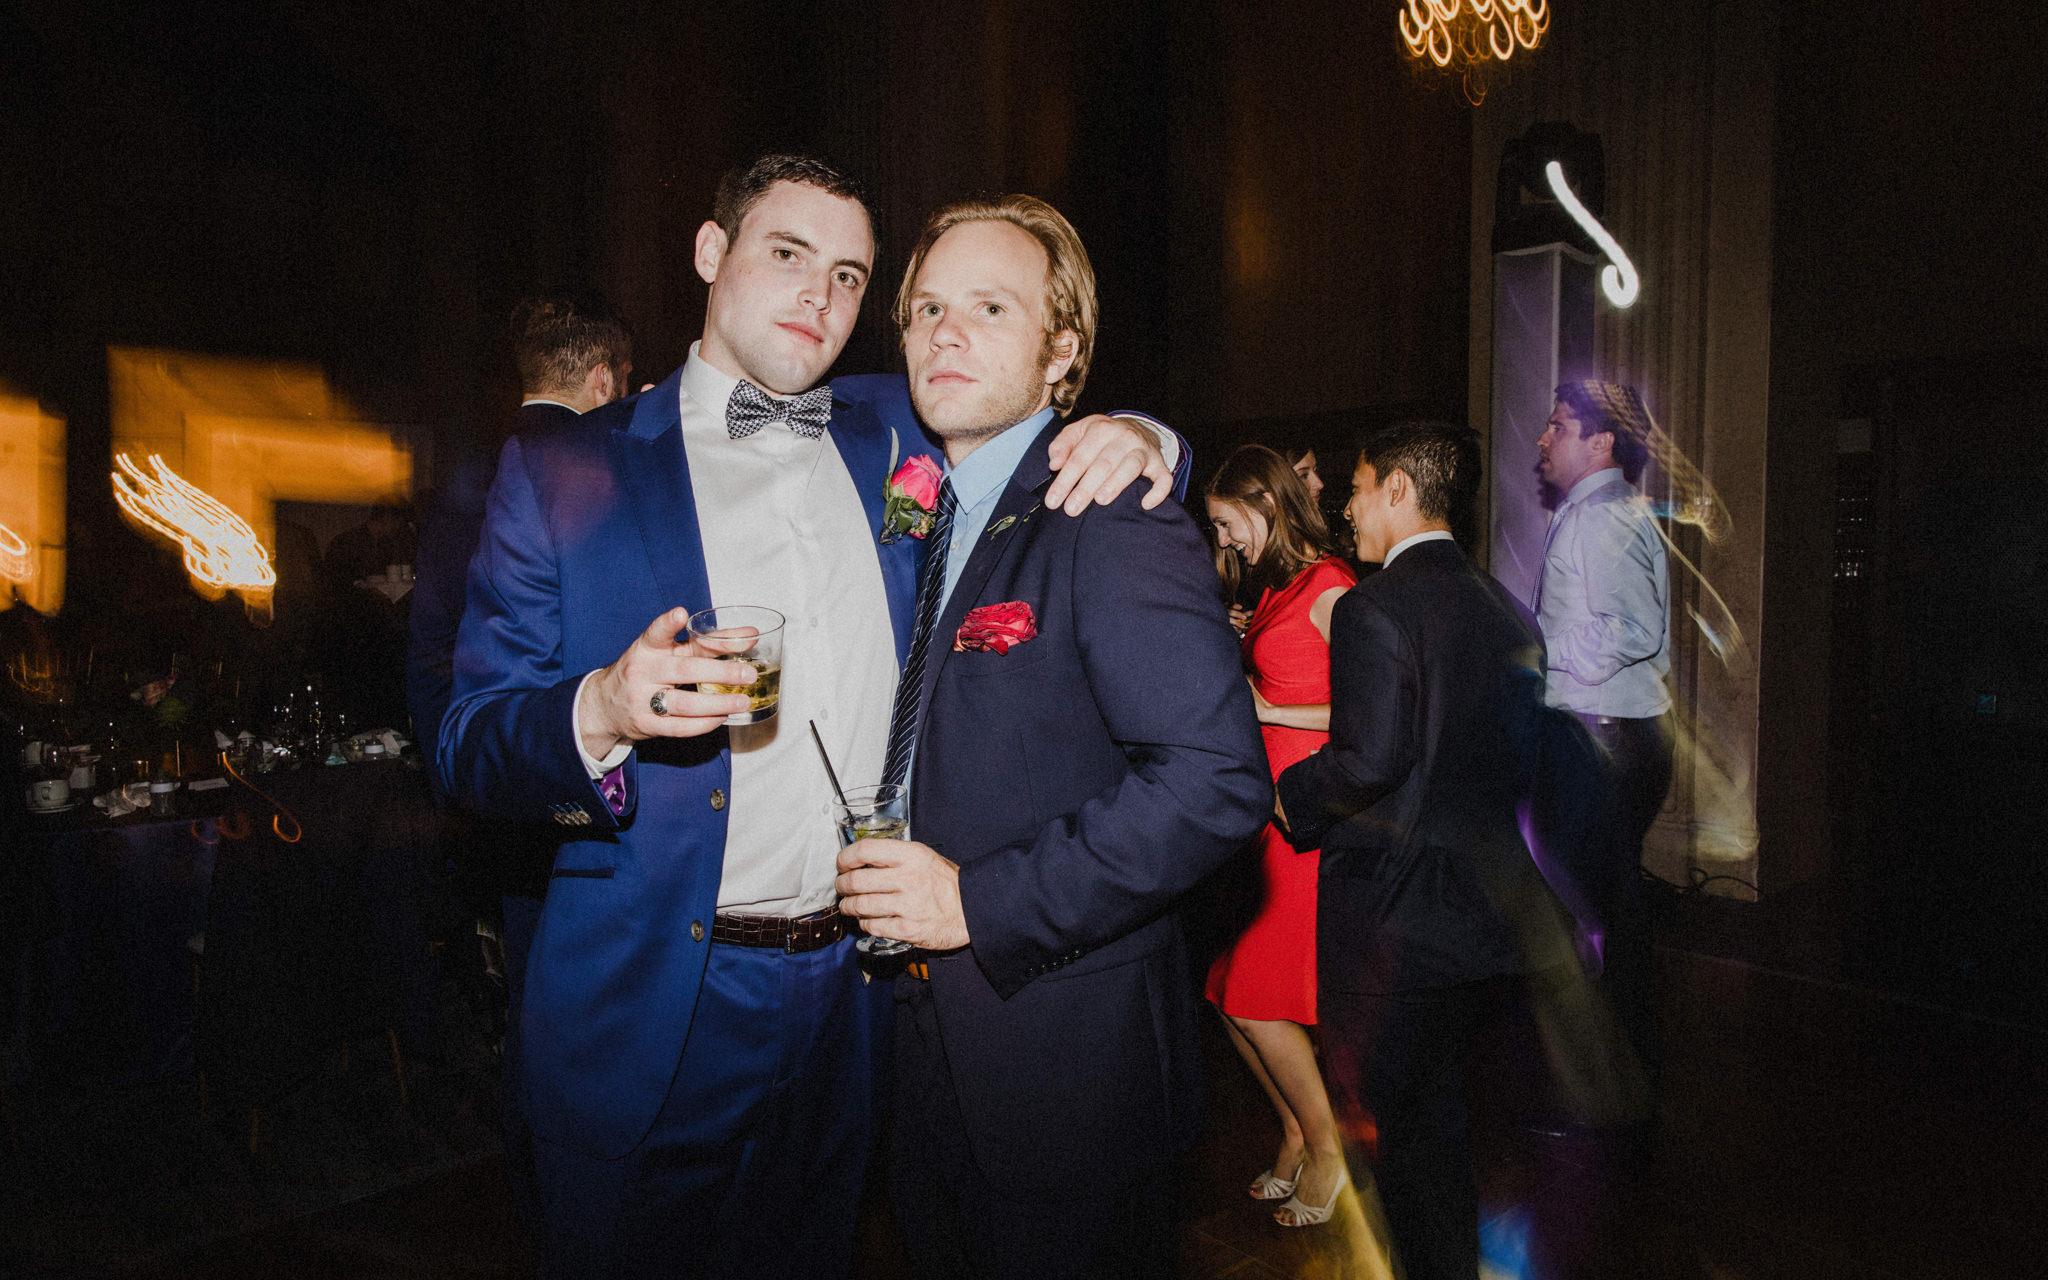 groomsmen pose during wedding reception